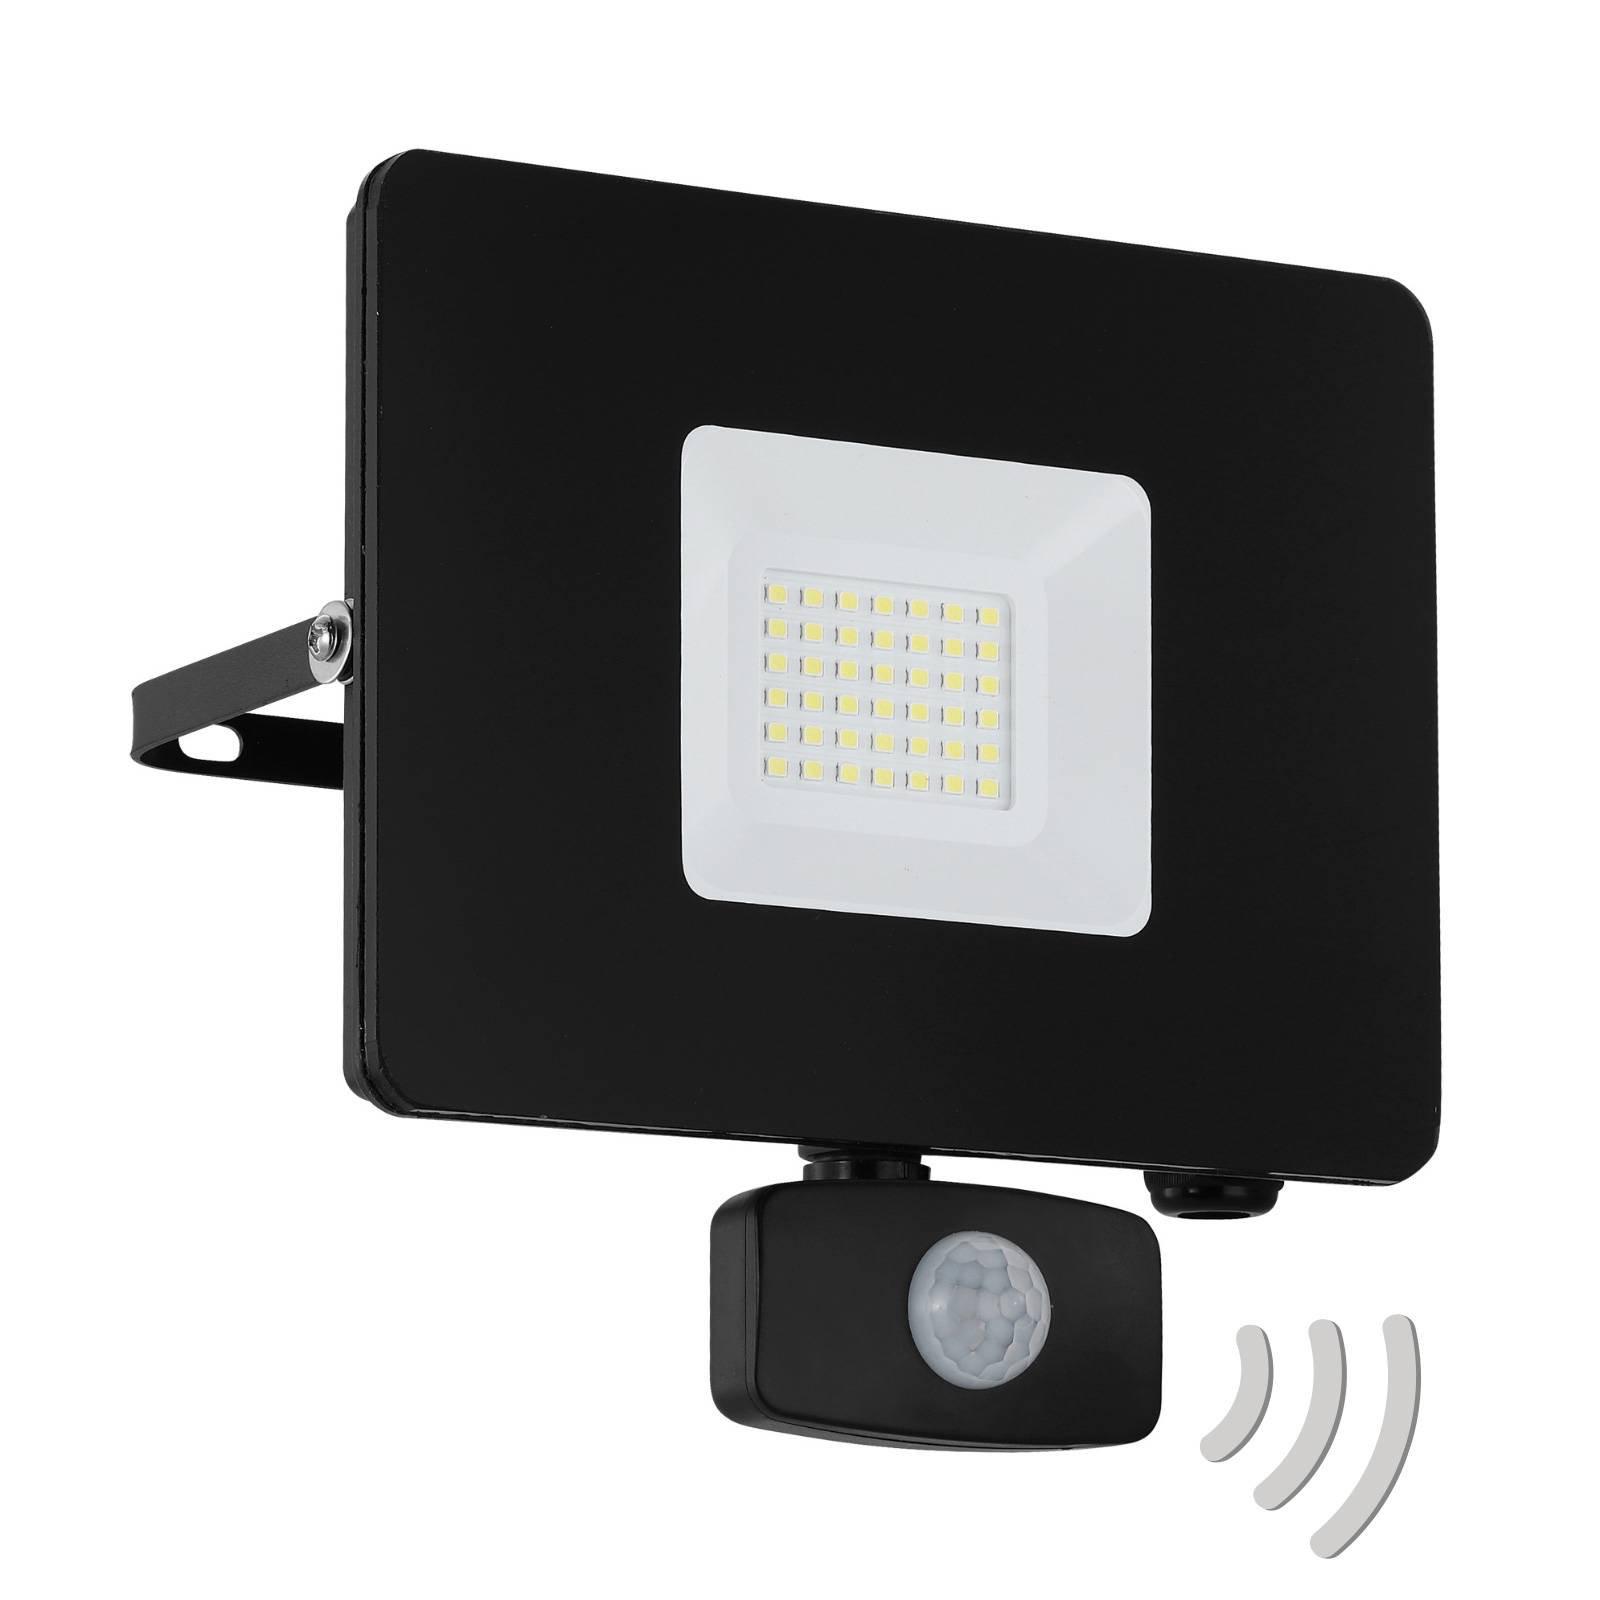 Utendørs LED-spot Faedo 3 med sensor, svart, 30 W